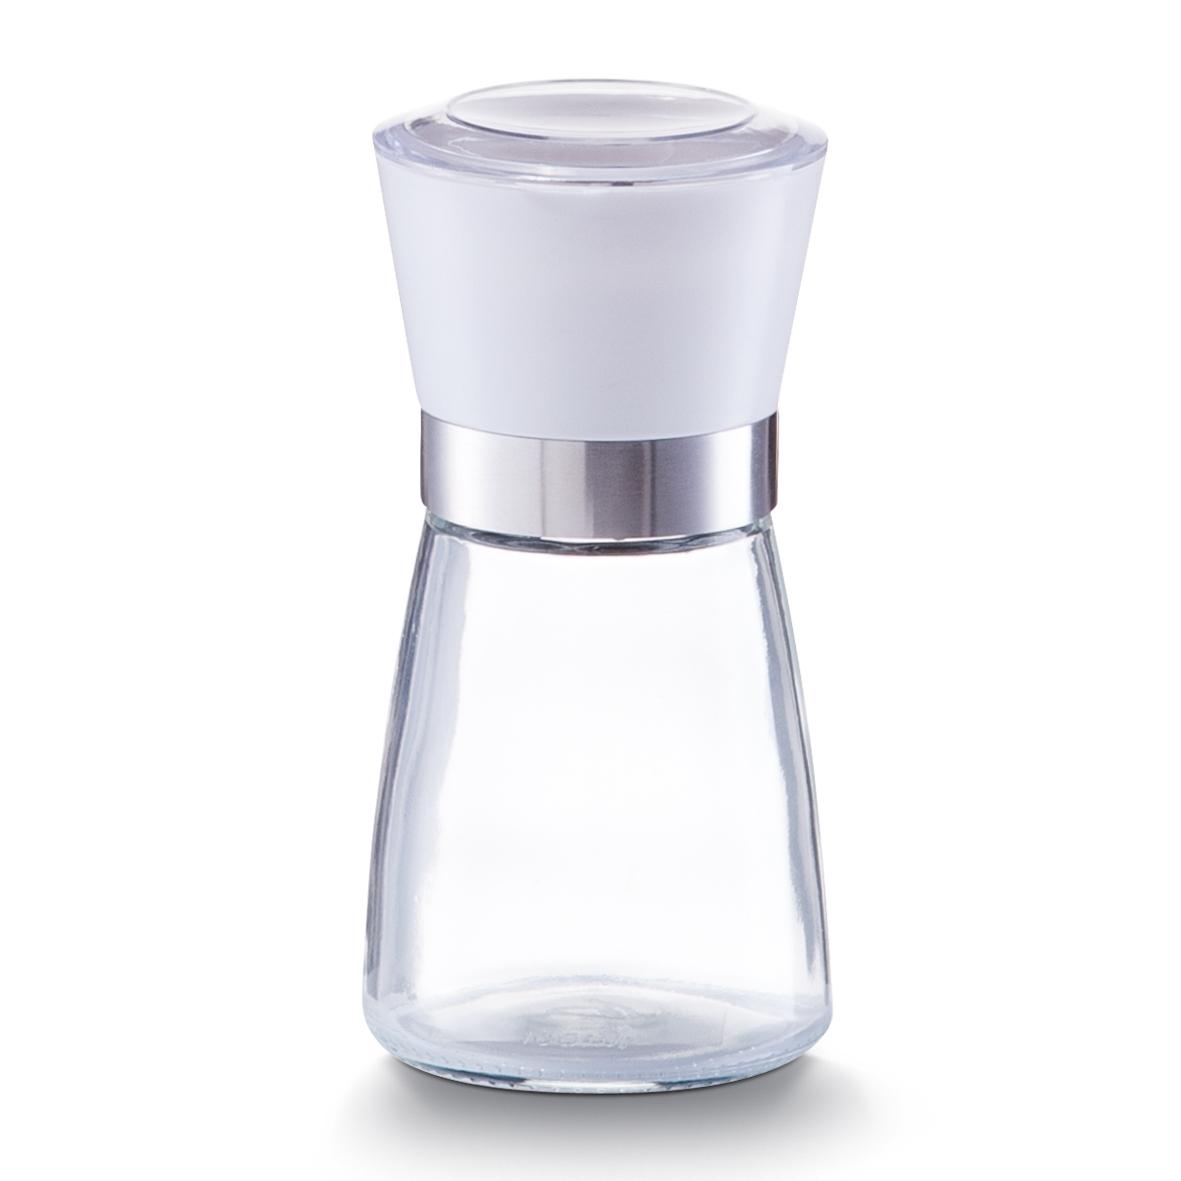 Rasnita sare / piper din sticla si plastic, Small White Ø 6,5xH13,6 cm din categoria Sare si Piper